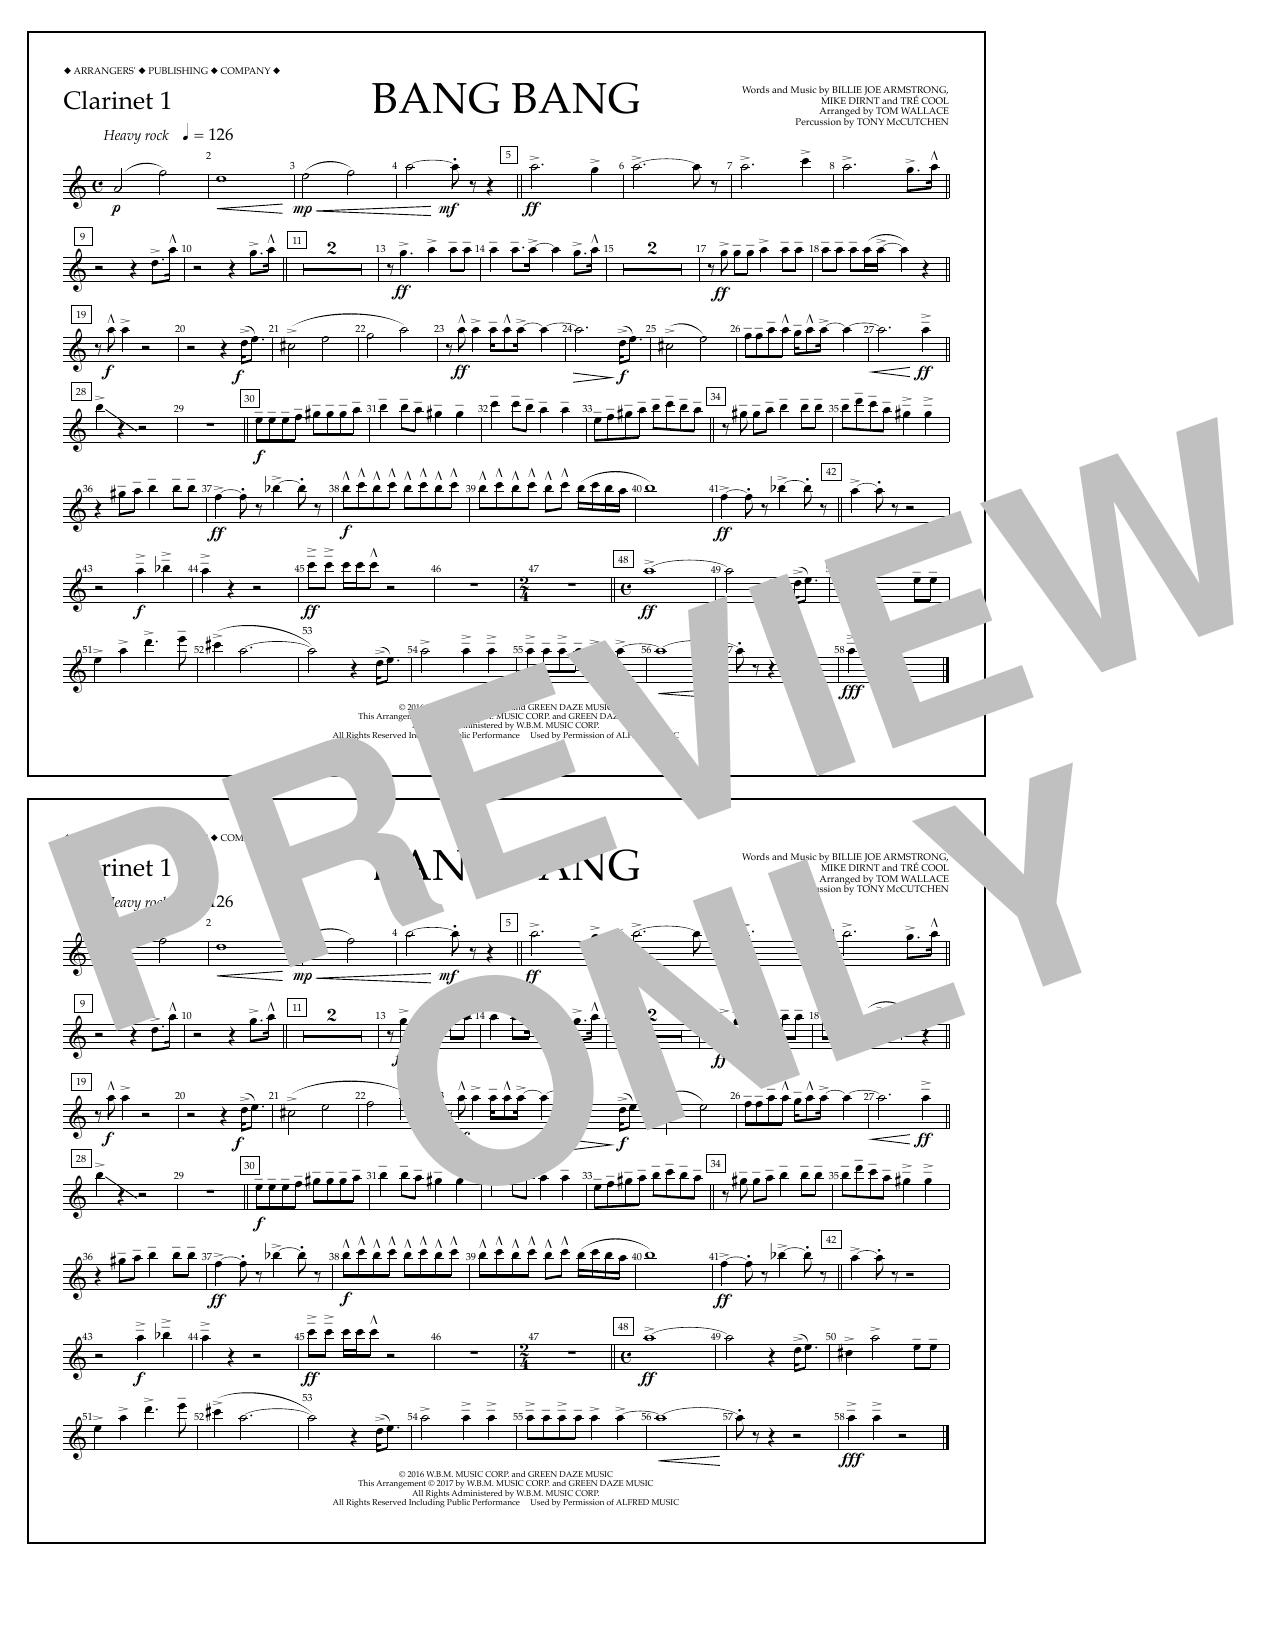 Bang Bang - Clarinet 1 Sheet Music